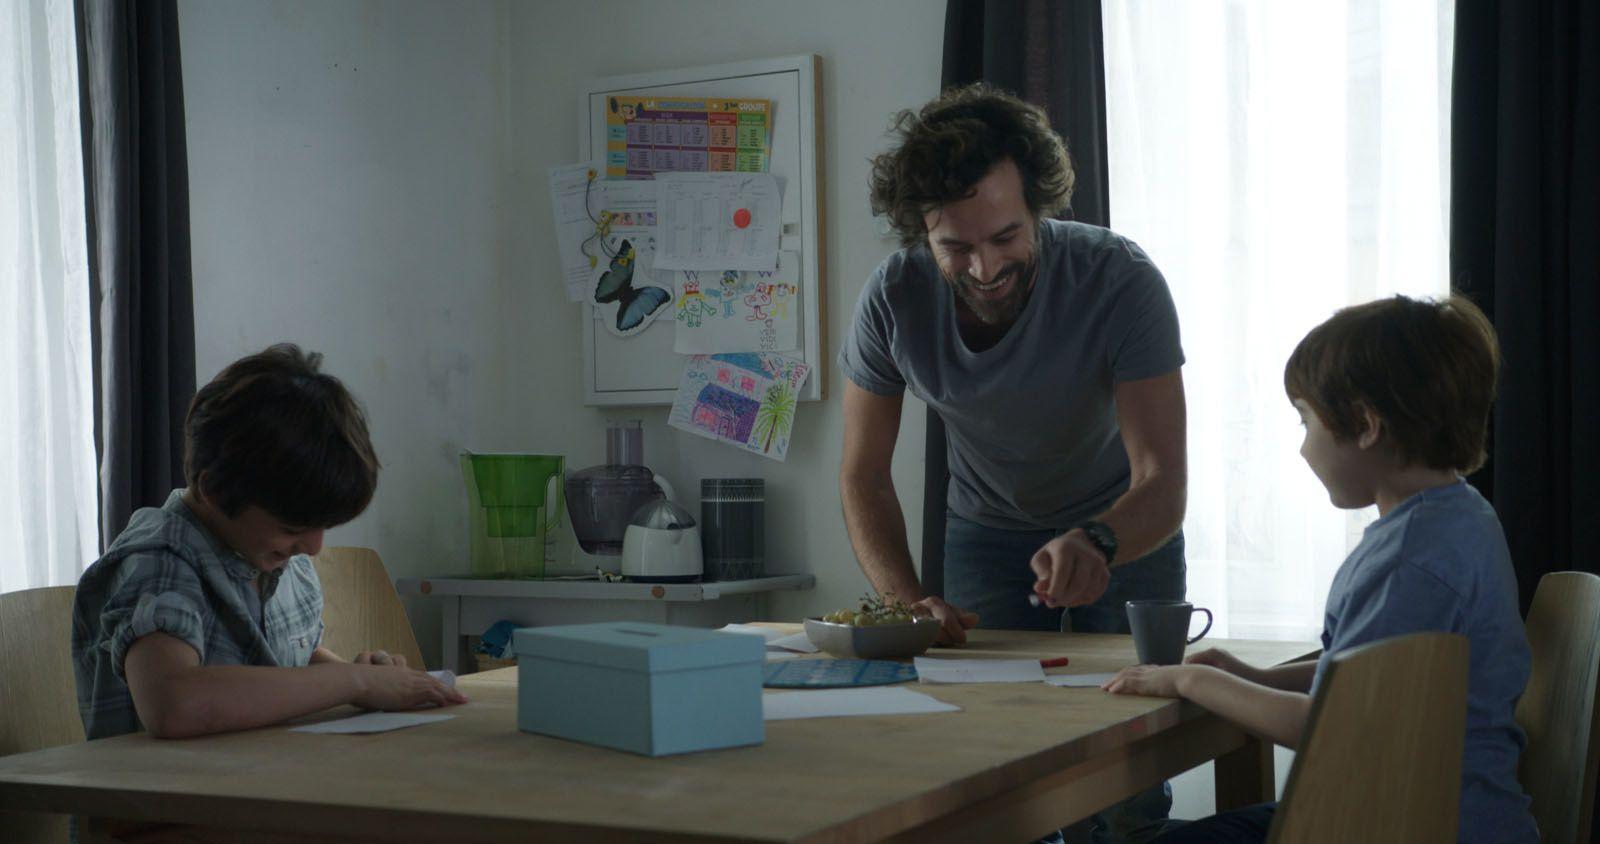 Nos batailles (BANDE-ANNONCE) avec Romain Duris, Laetitia Dosch, Laure Calamy - Le 3 octobre 2018 au cinéma